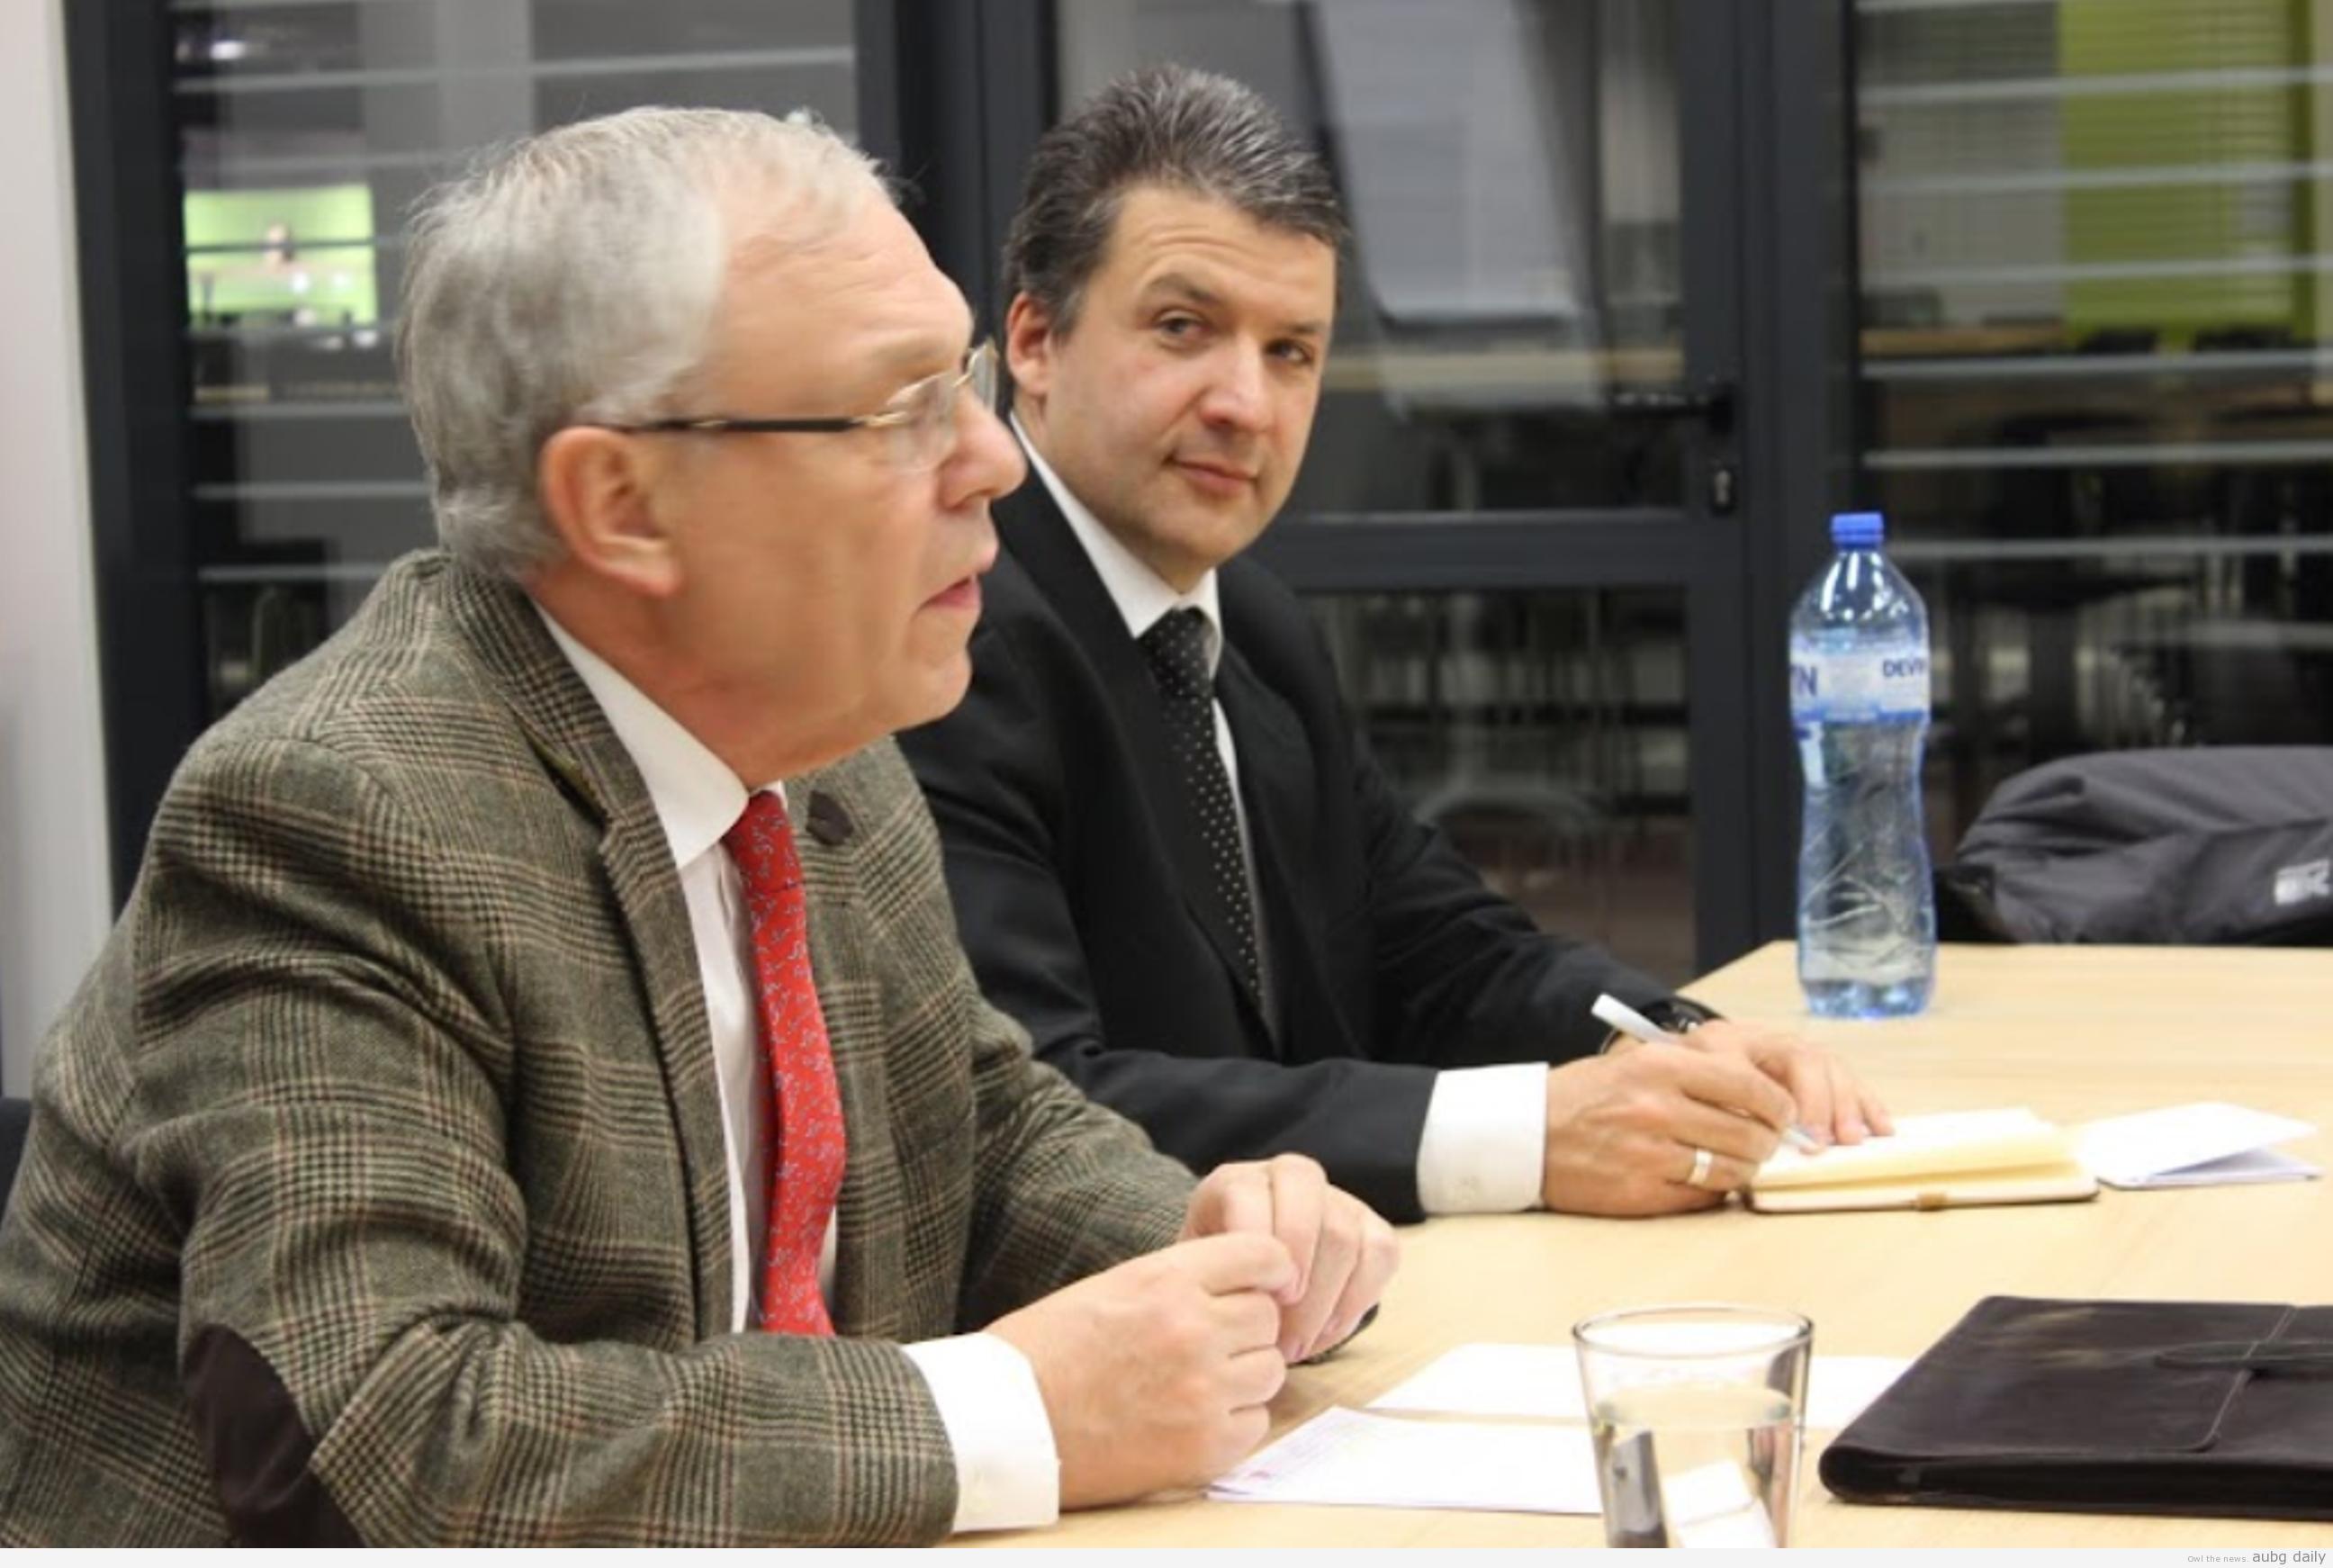 Ambassador Faltz and Professor Jean Crombois. Tsvetelina Miteva for AUBG Daily.